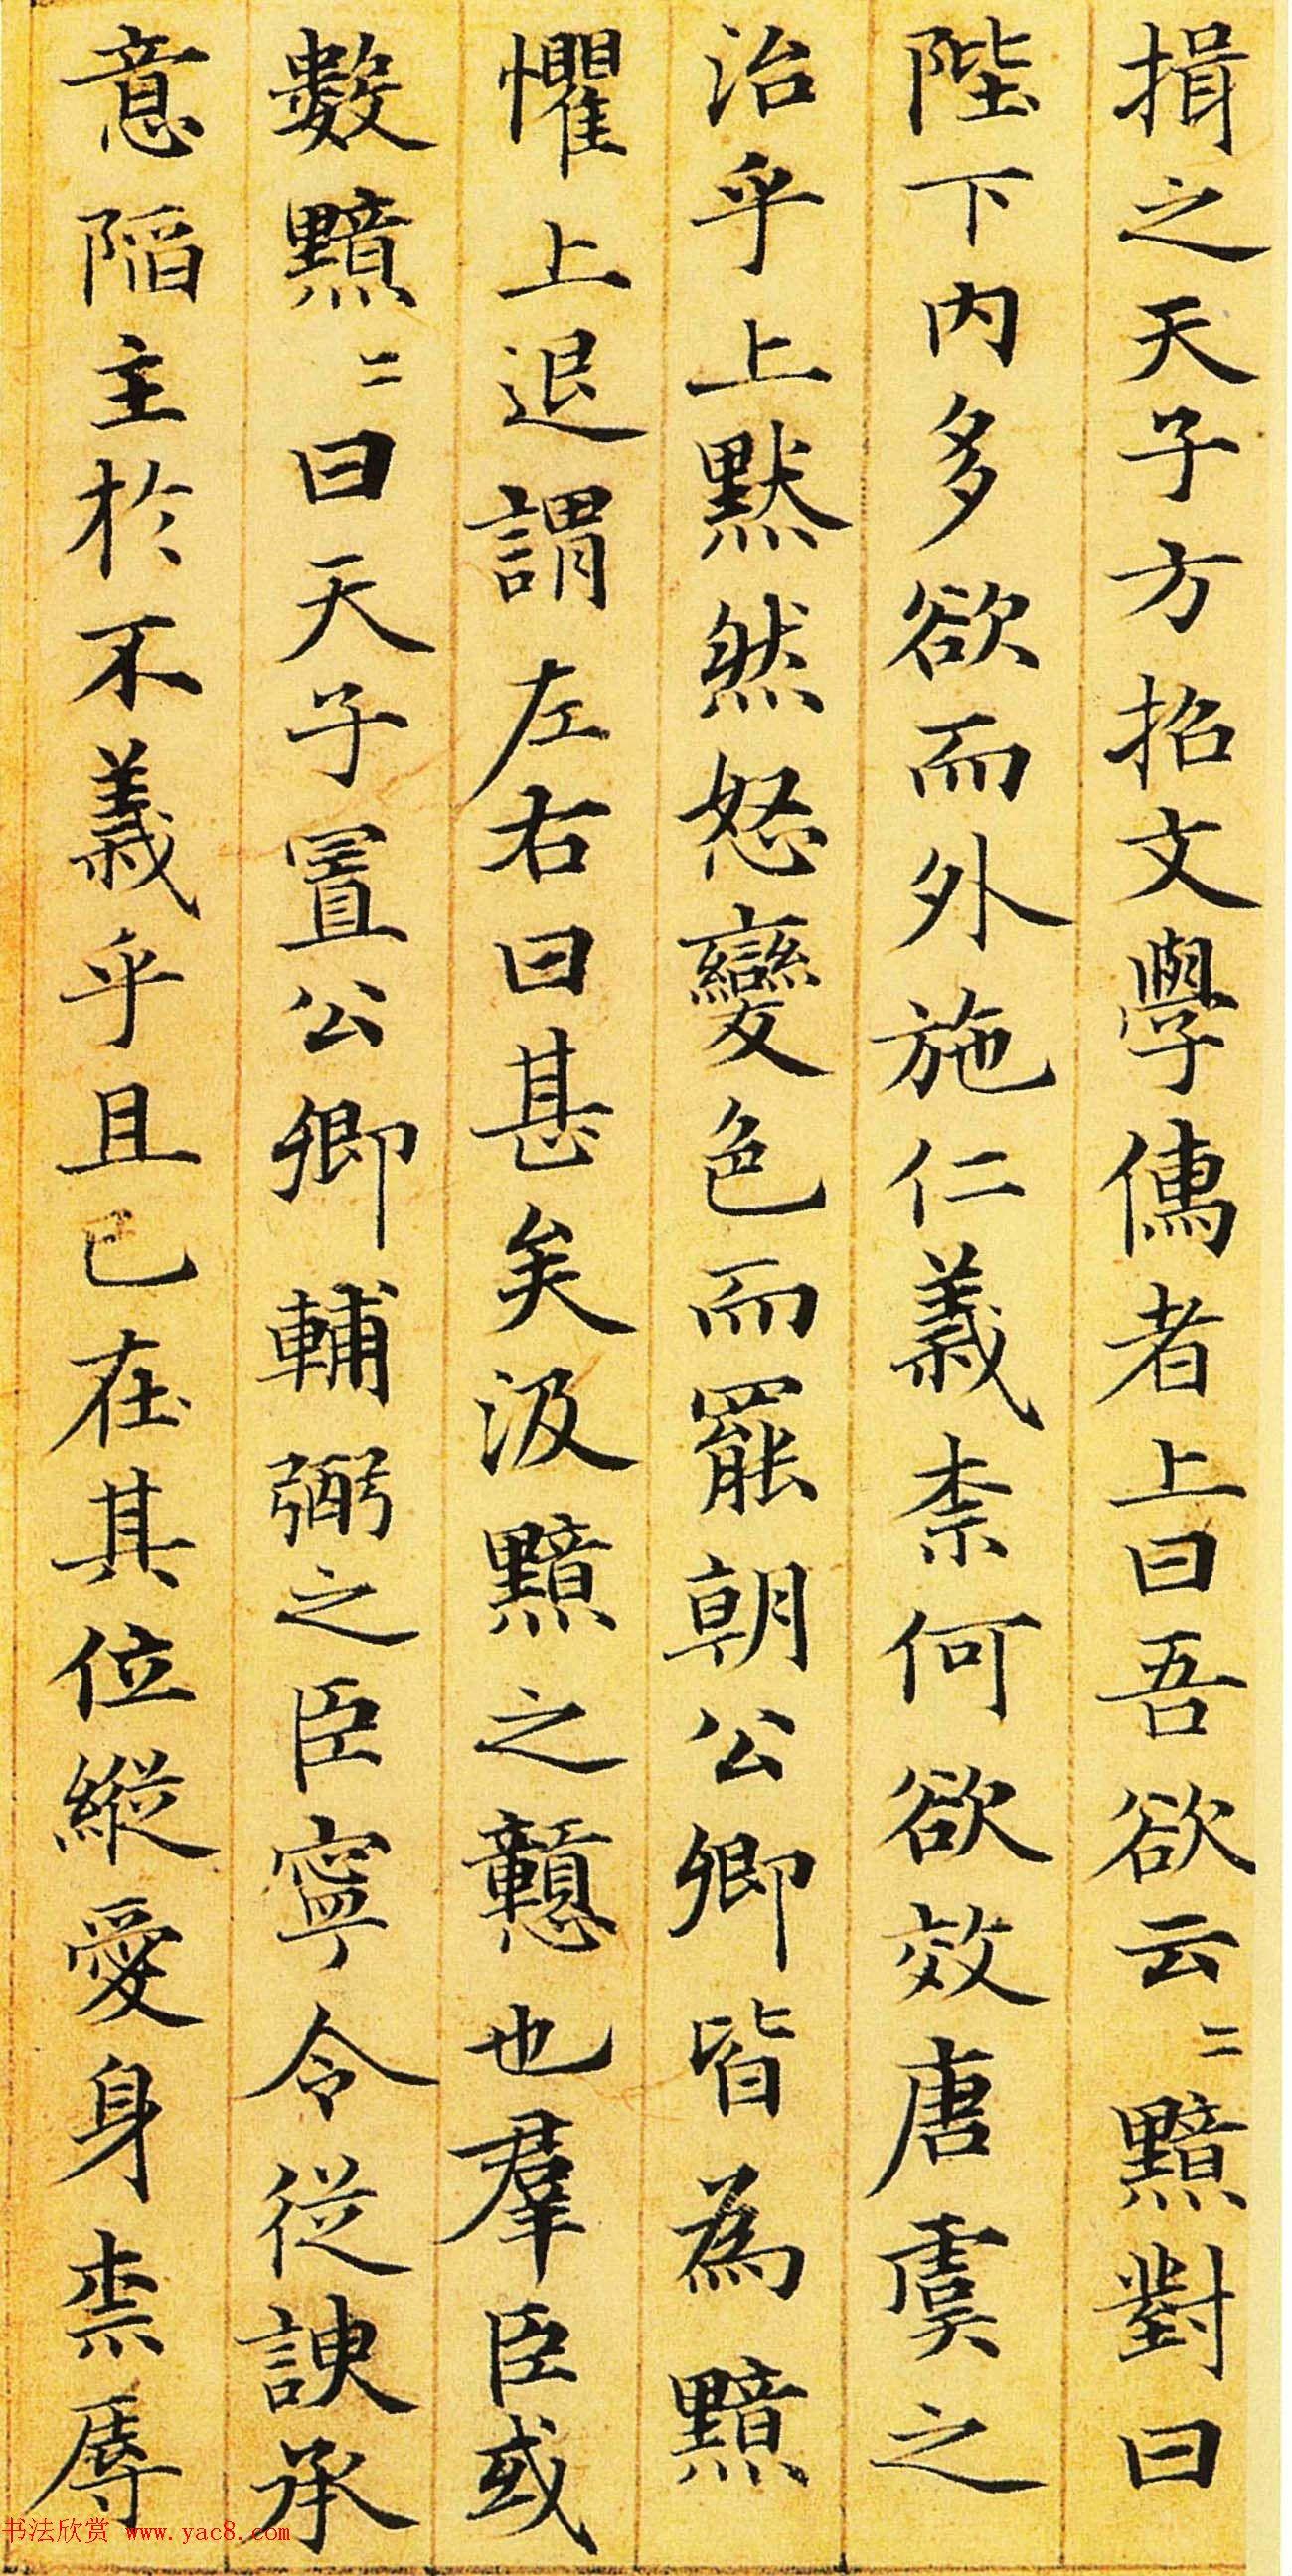 赵孟頫67岁小楷书法欣赏 汉汲黯传 第5页 颜柳欧赵 书法欣赏